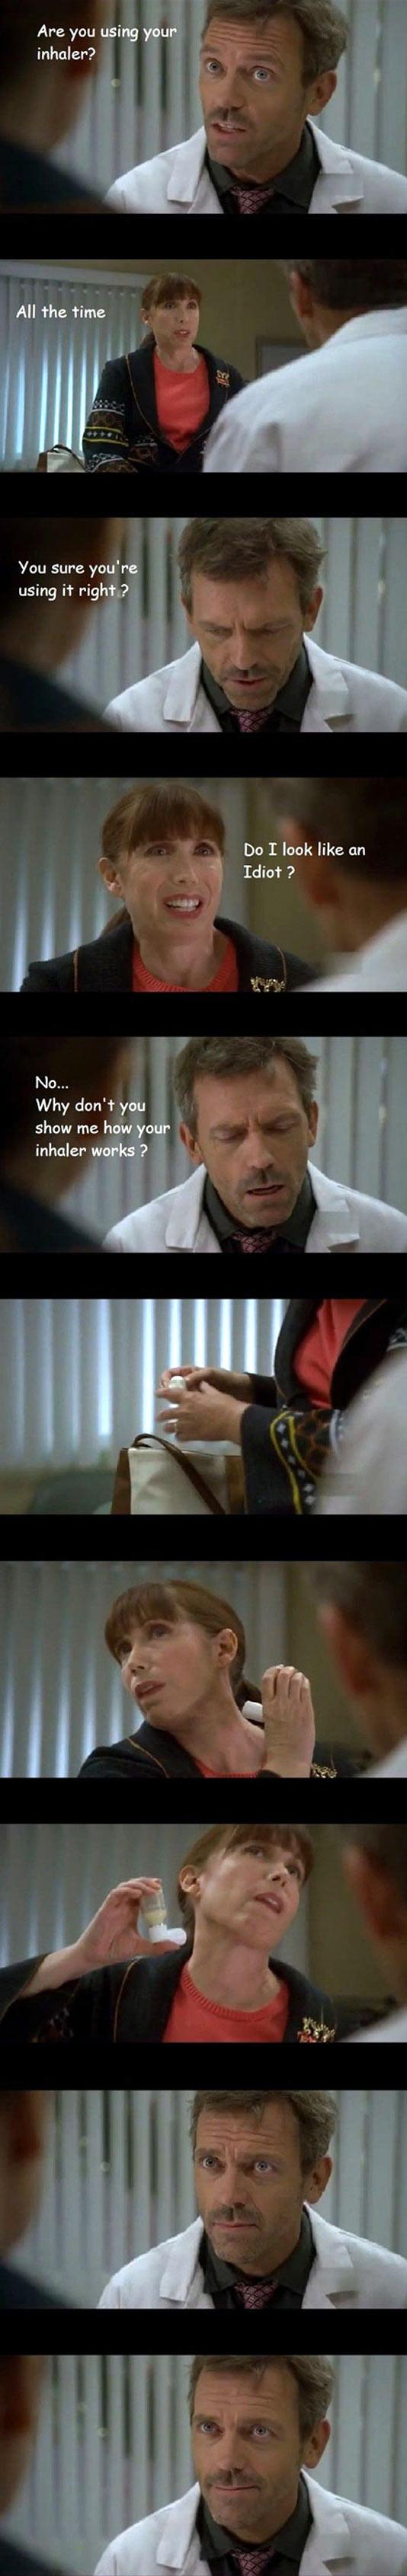 cool-doctor-house-inhaler-scene